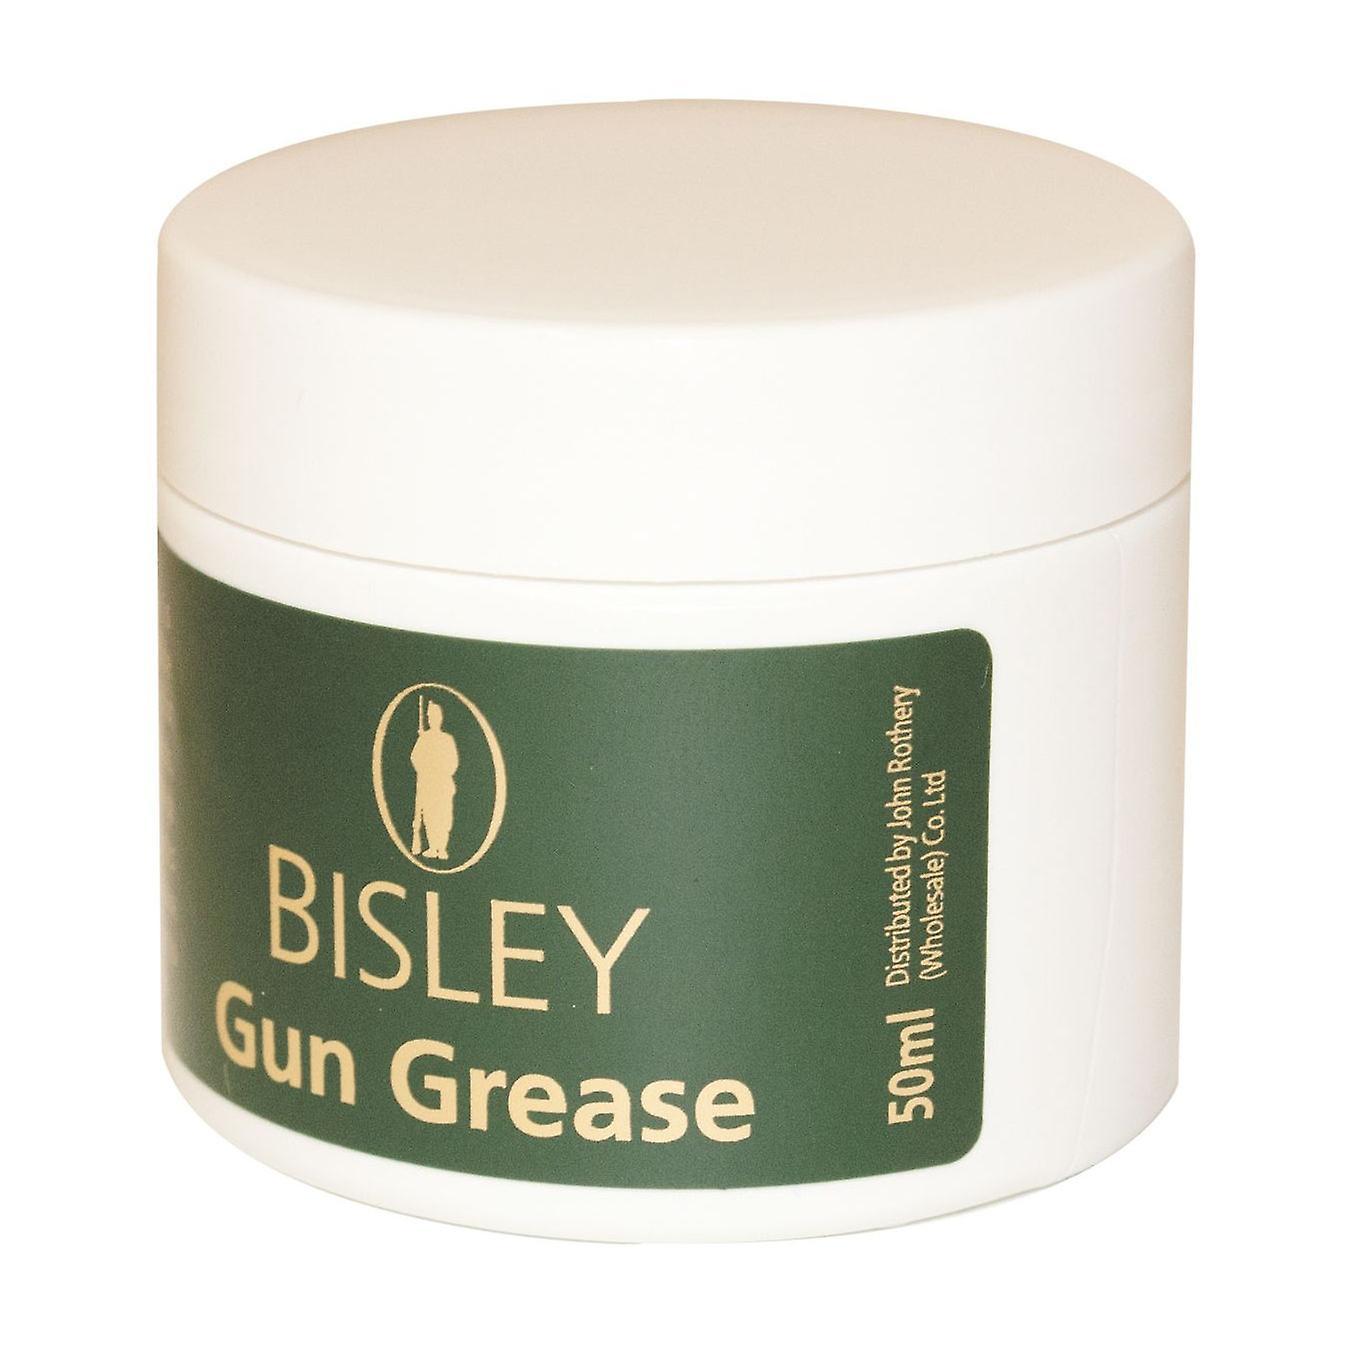 Bisley Gun Grease 50ml Wanne - Schmiermittel für alle Gewehr - verhindert Korrosion